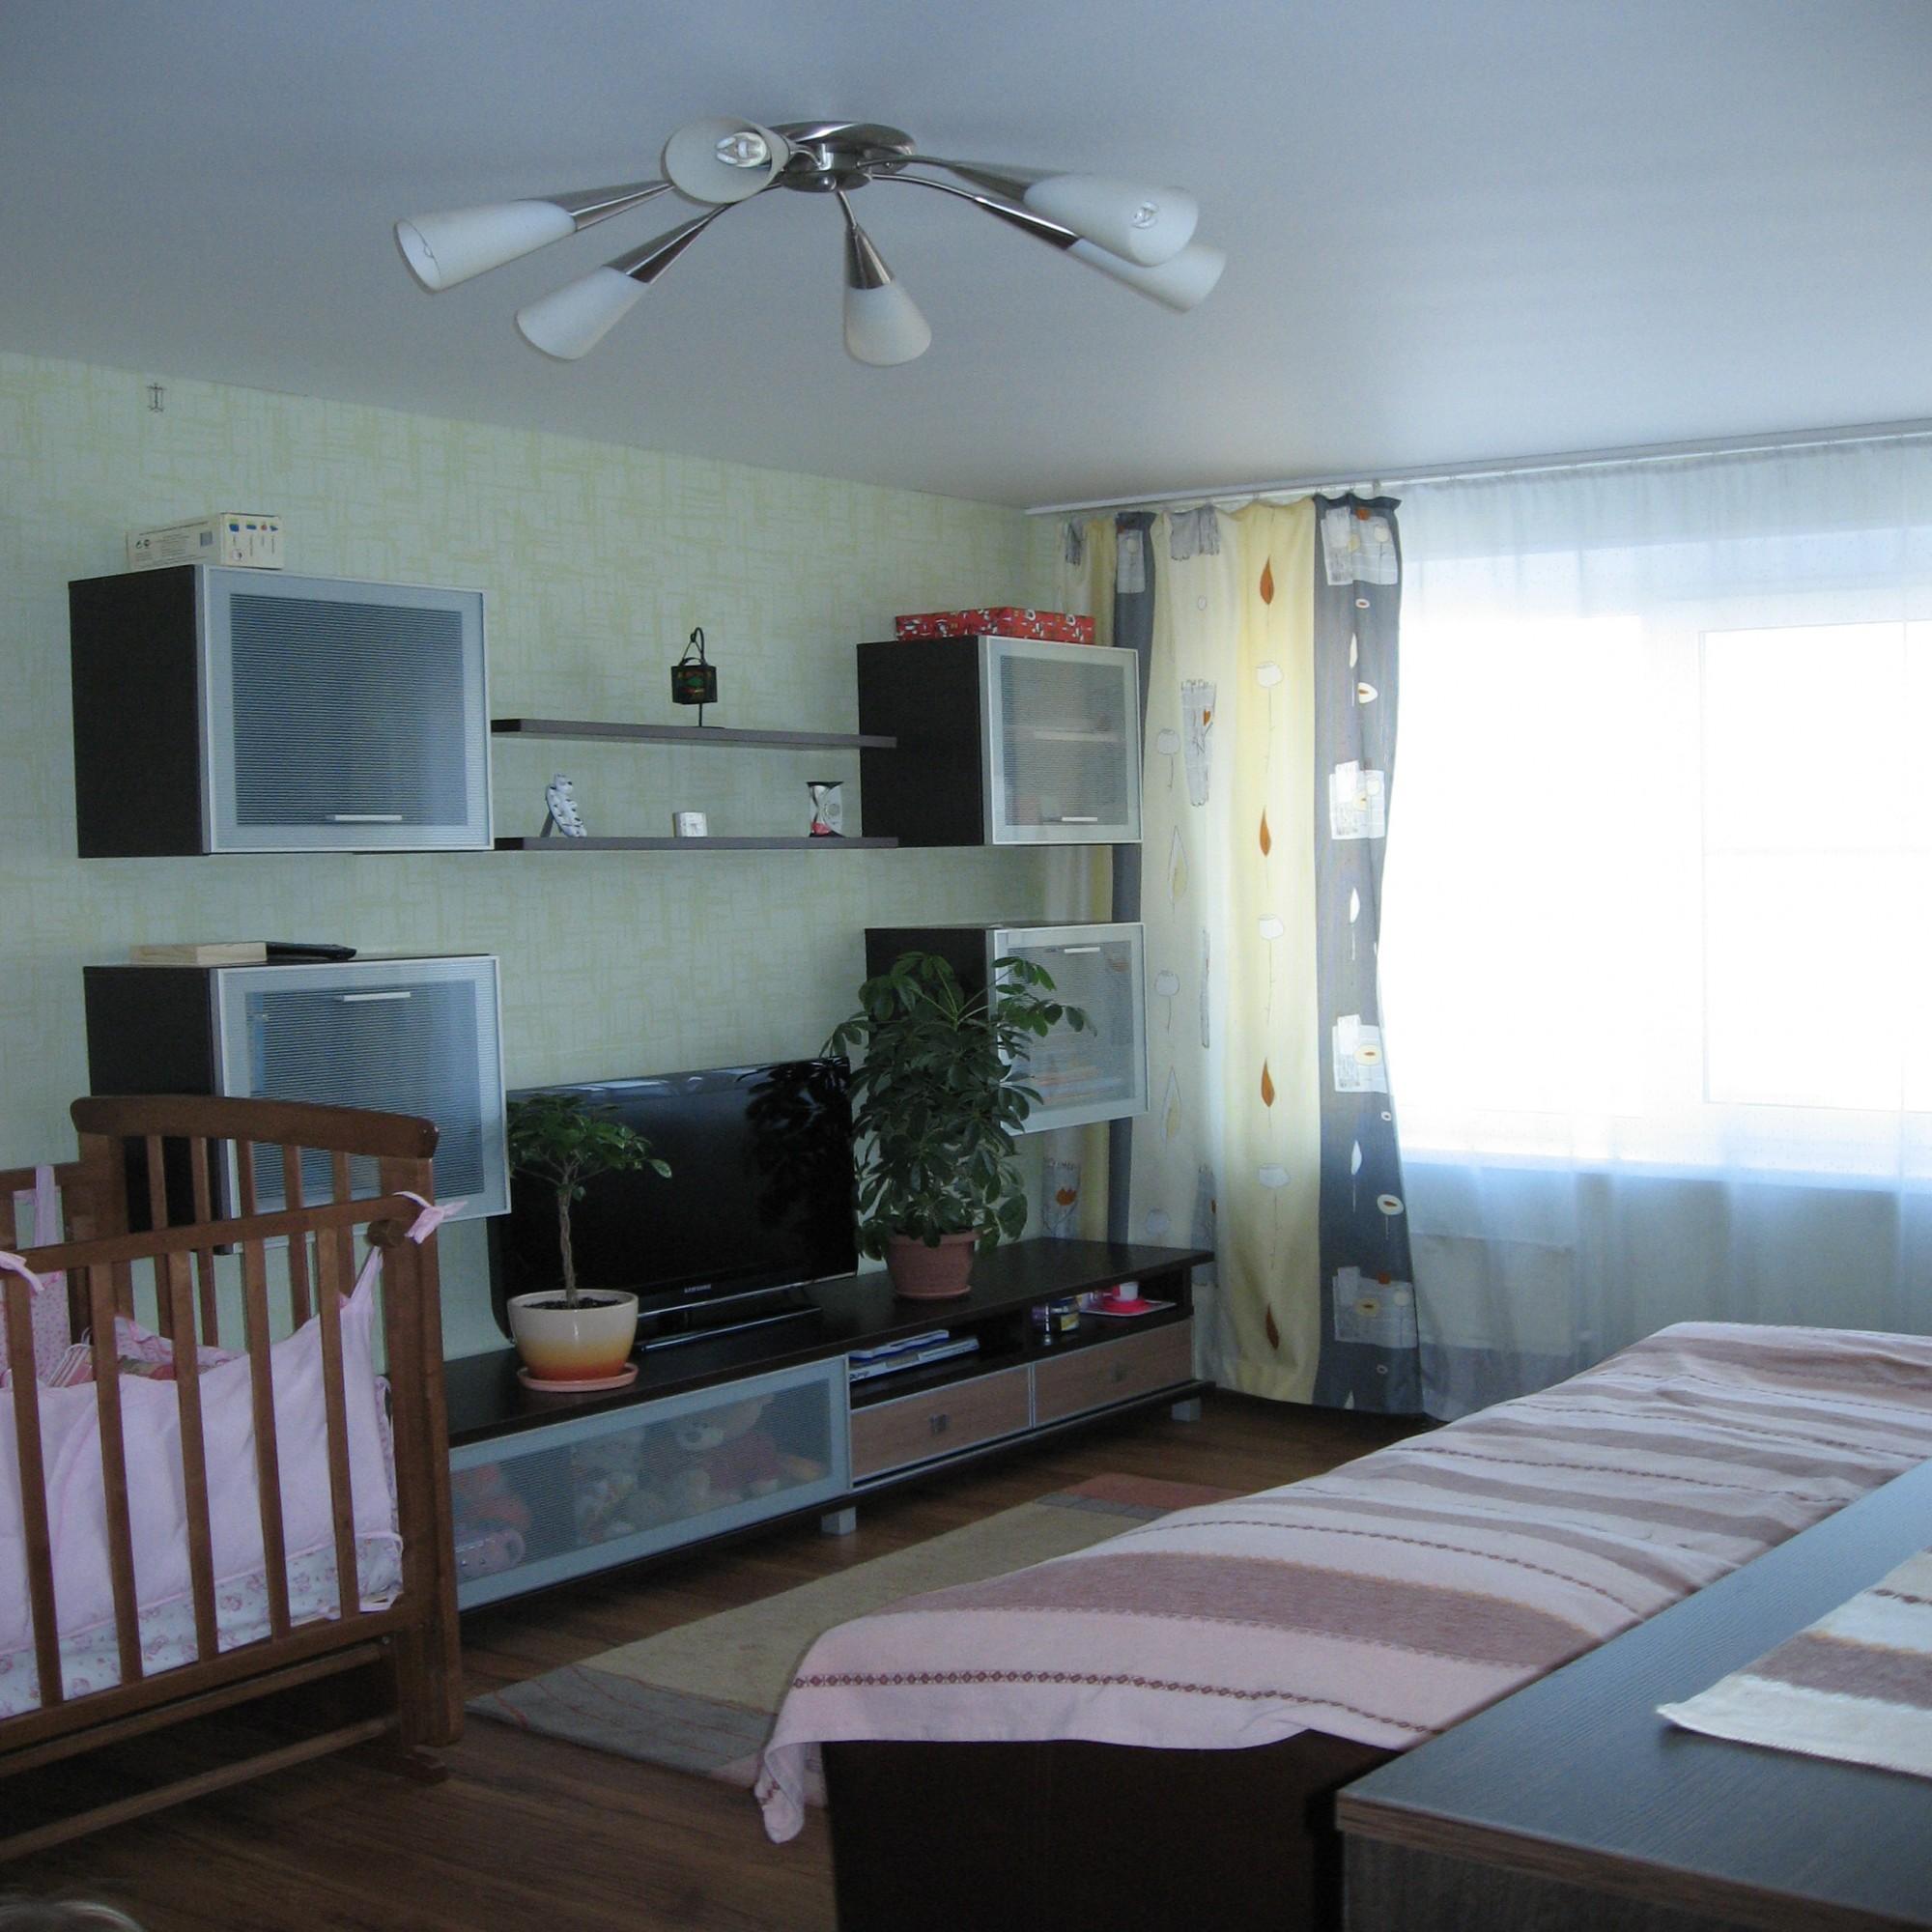 дизайн интерьера квартир фотообои фото